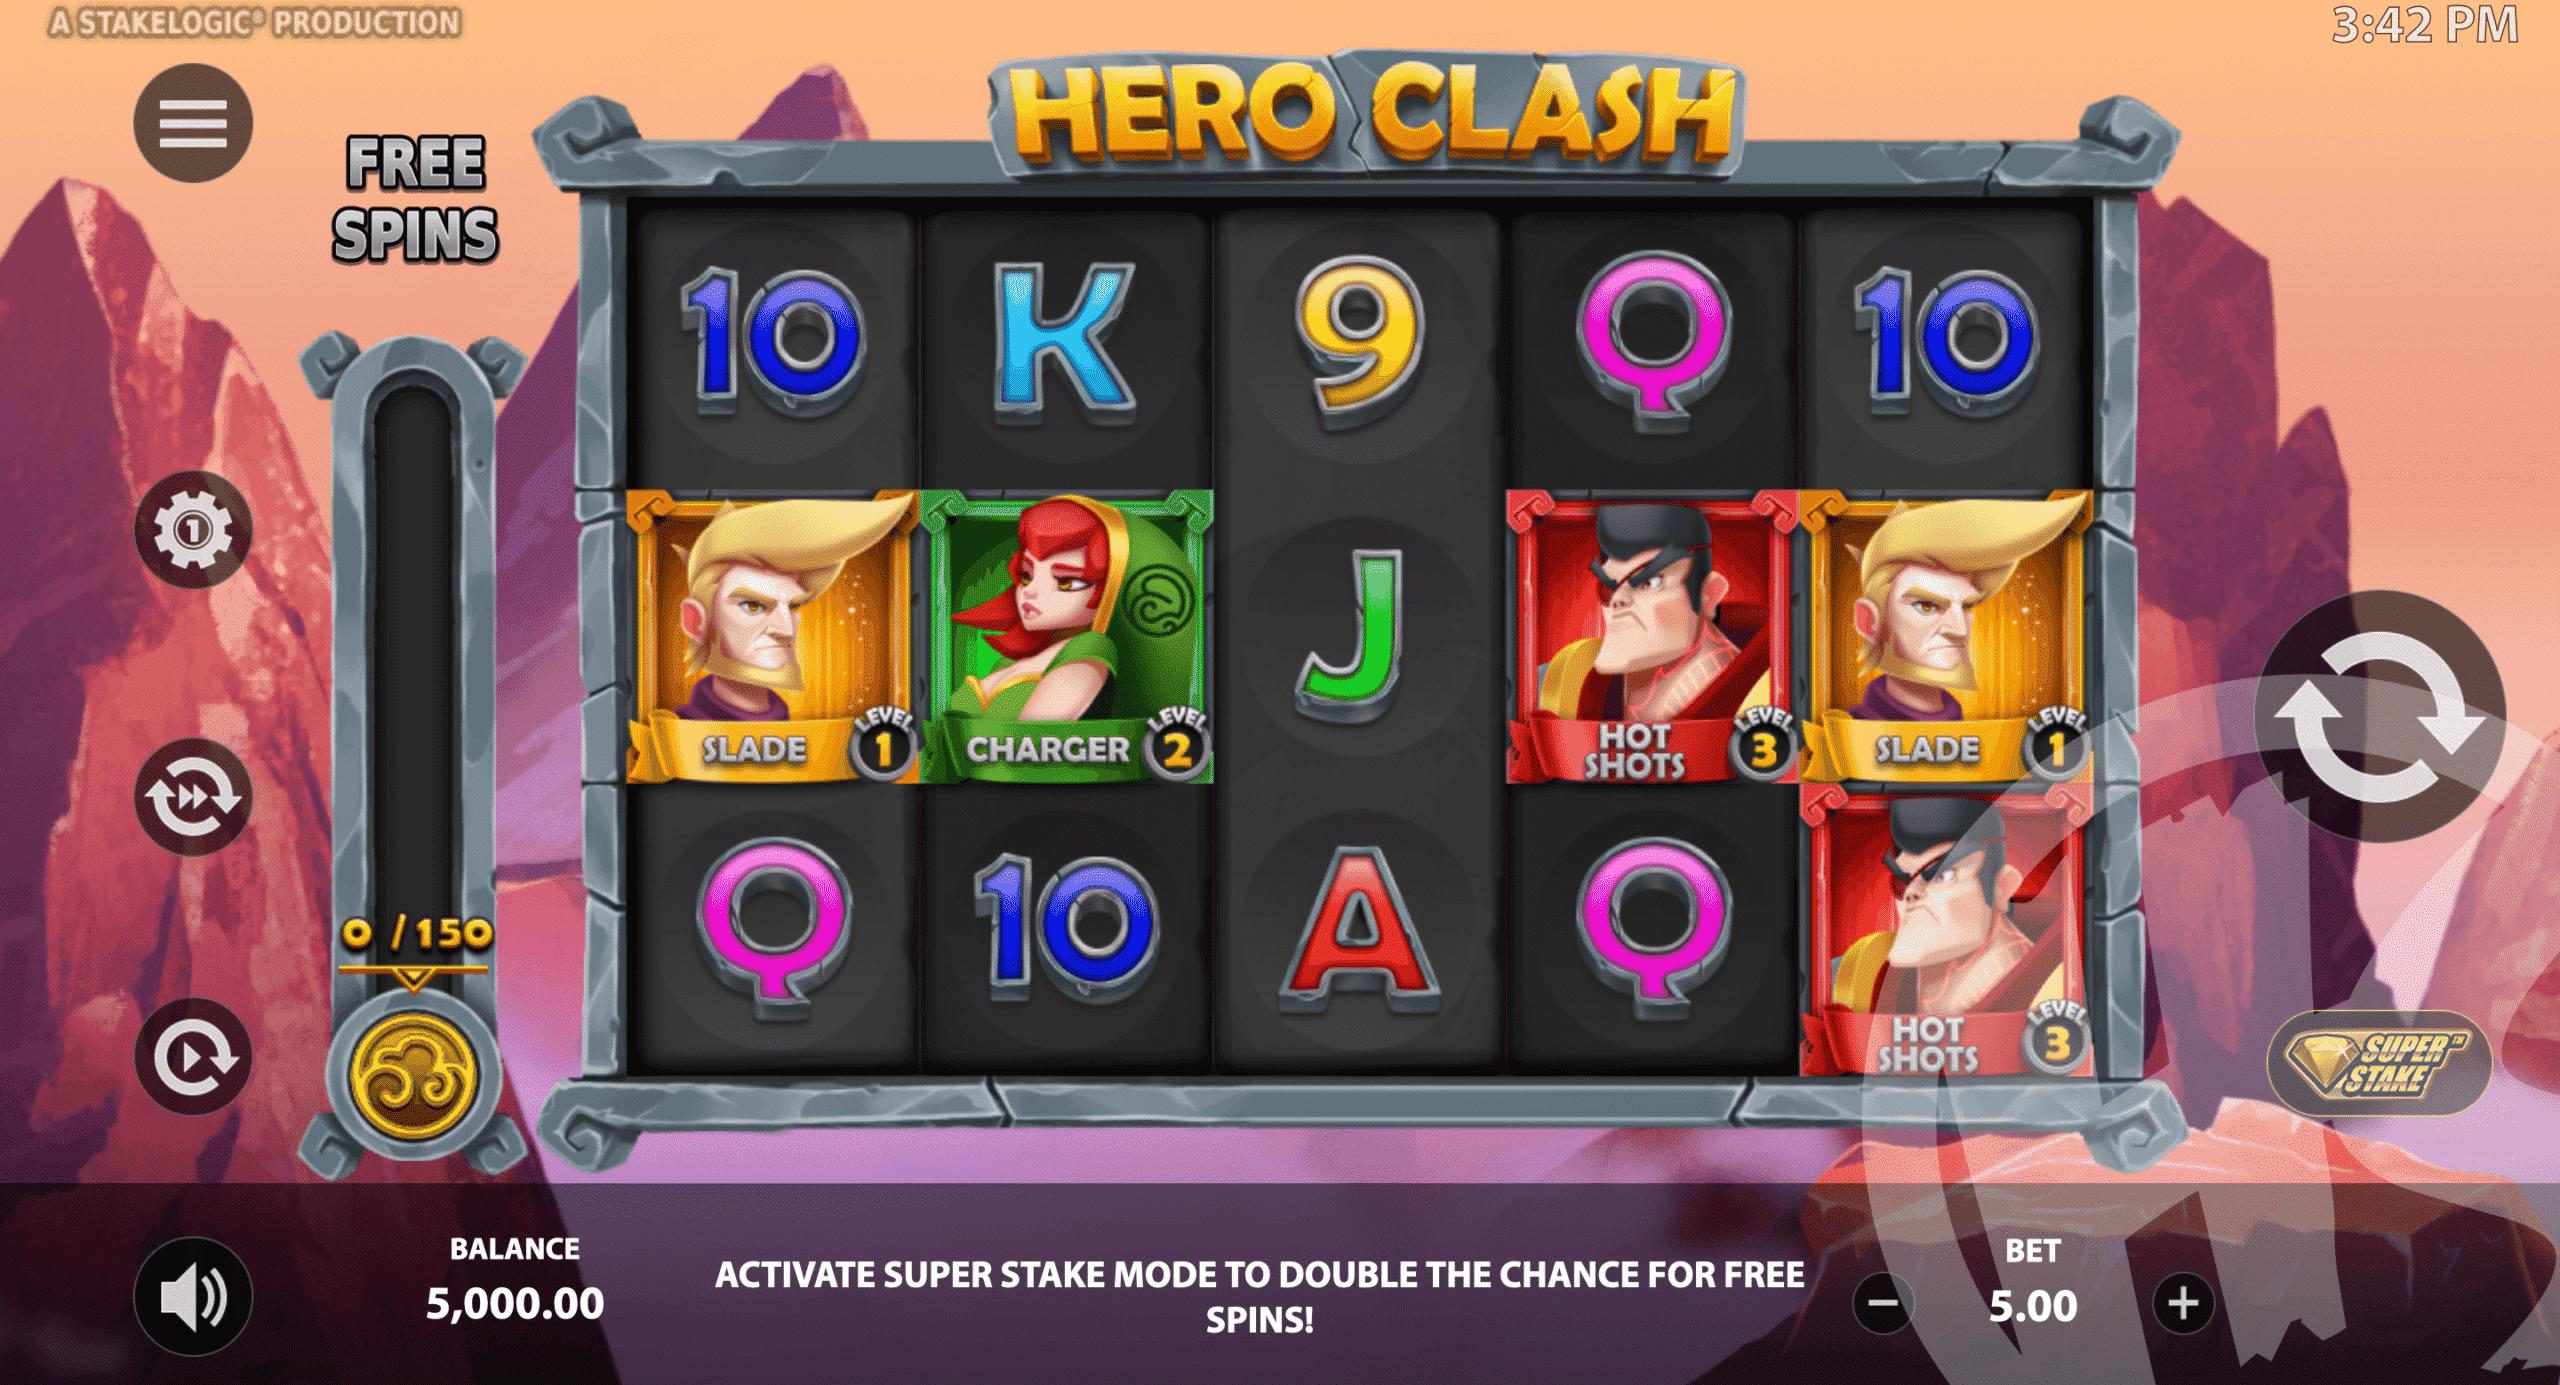 Hero Clash Base Game